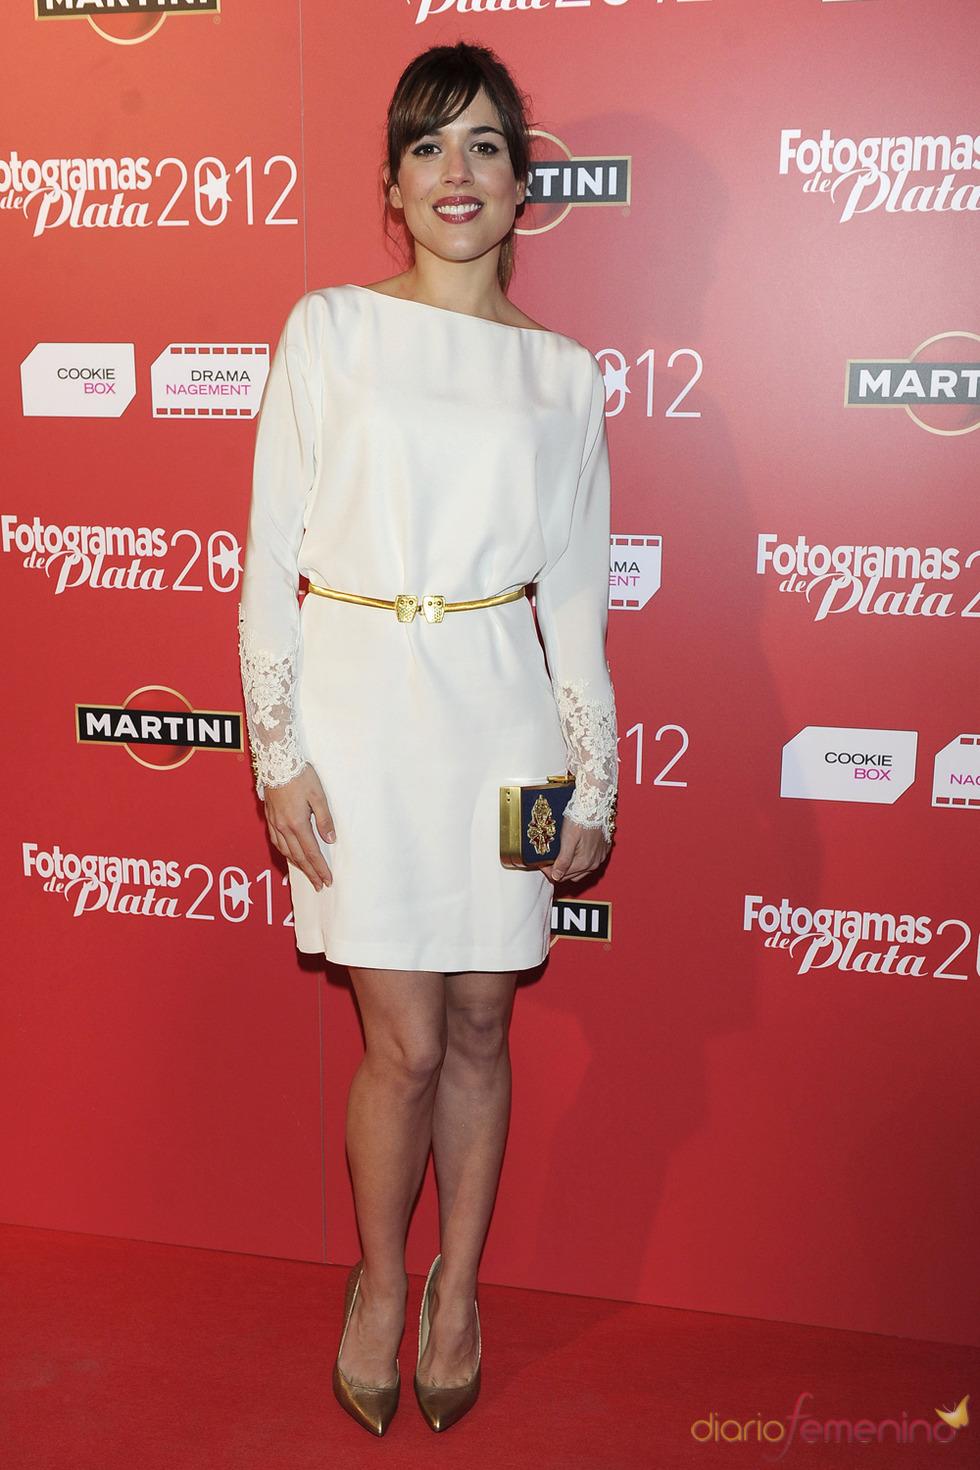 Adriana Ugarte en la alfombra roja de los Fotogramas 2012